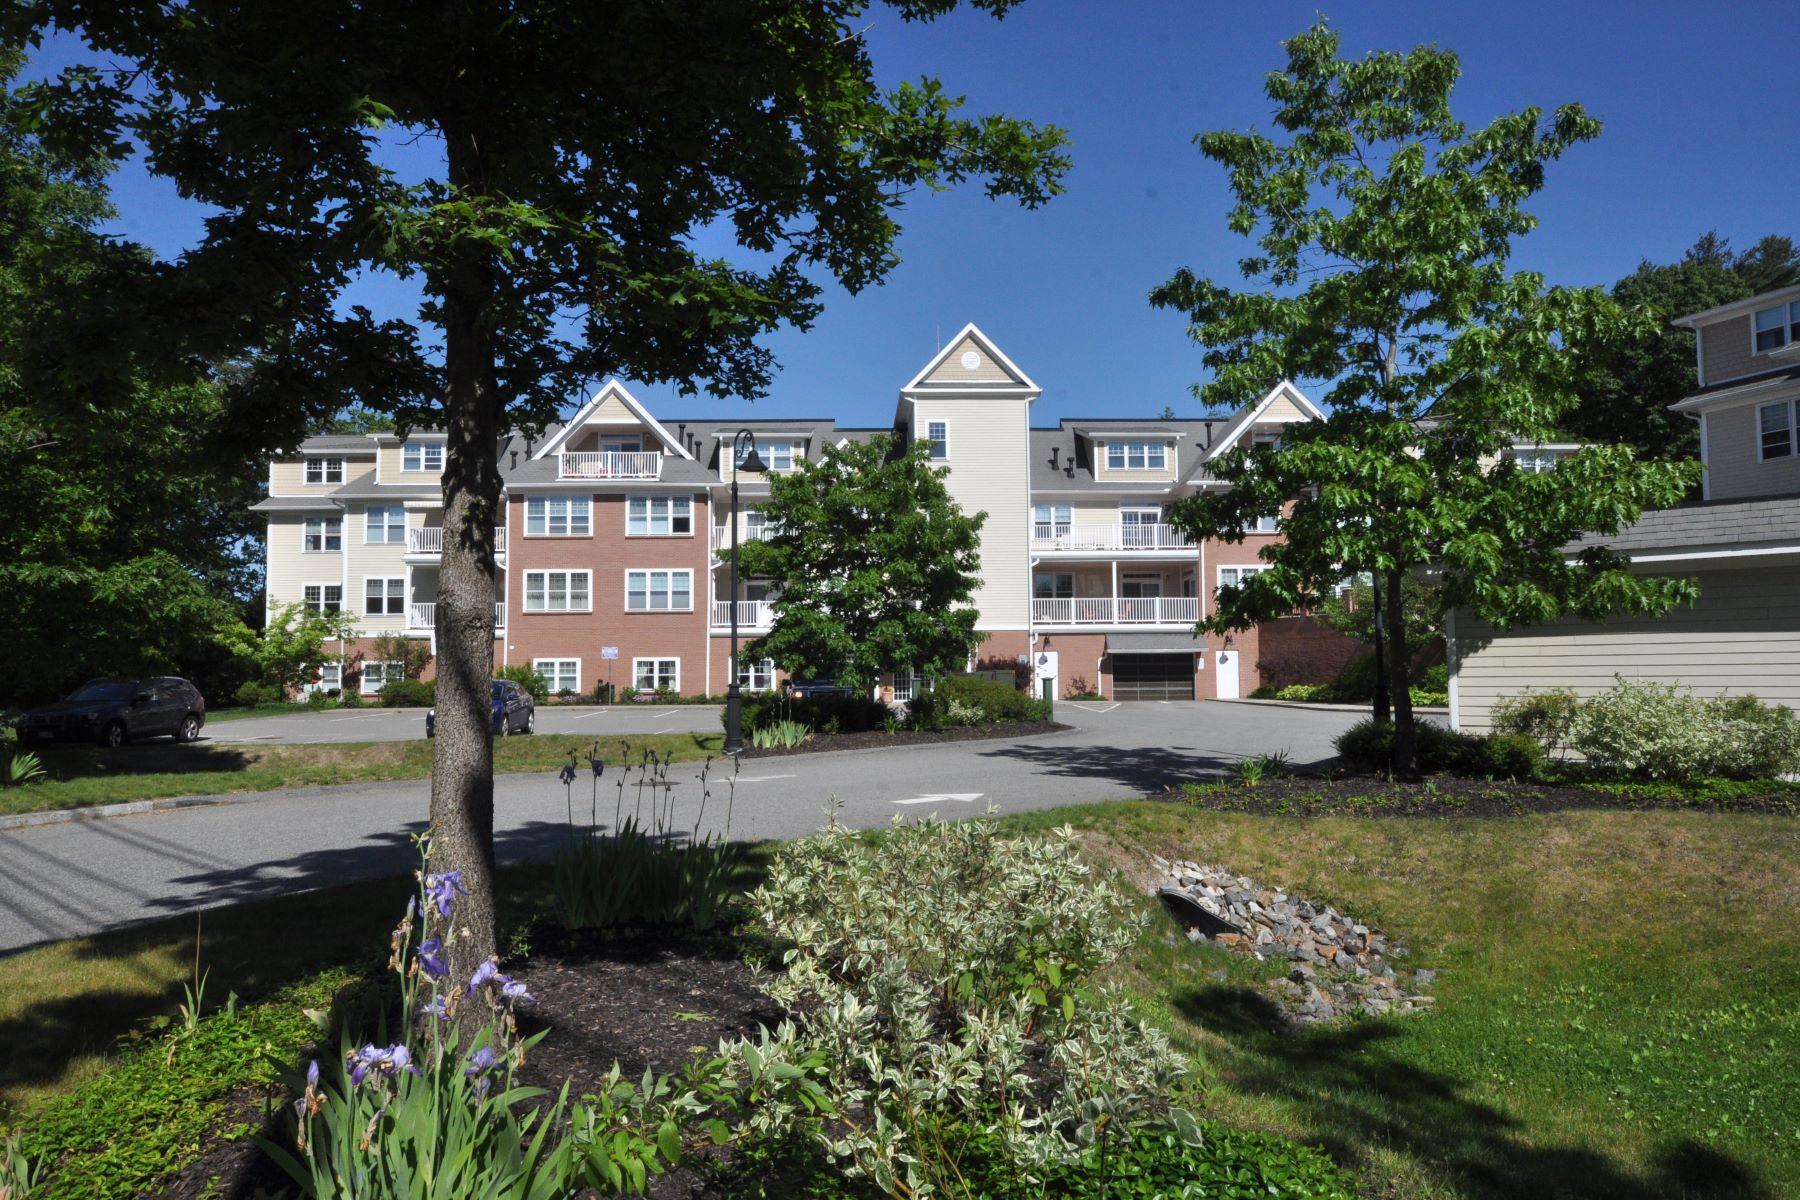 Кондоминиум для того Продажа на 95 Conant Street 221, Concord 95 Conant St 221, Concord, Массачусетс, 01742 Соединенные Штаты